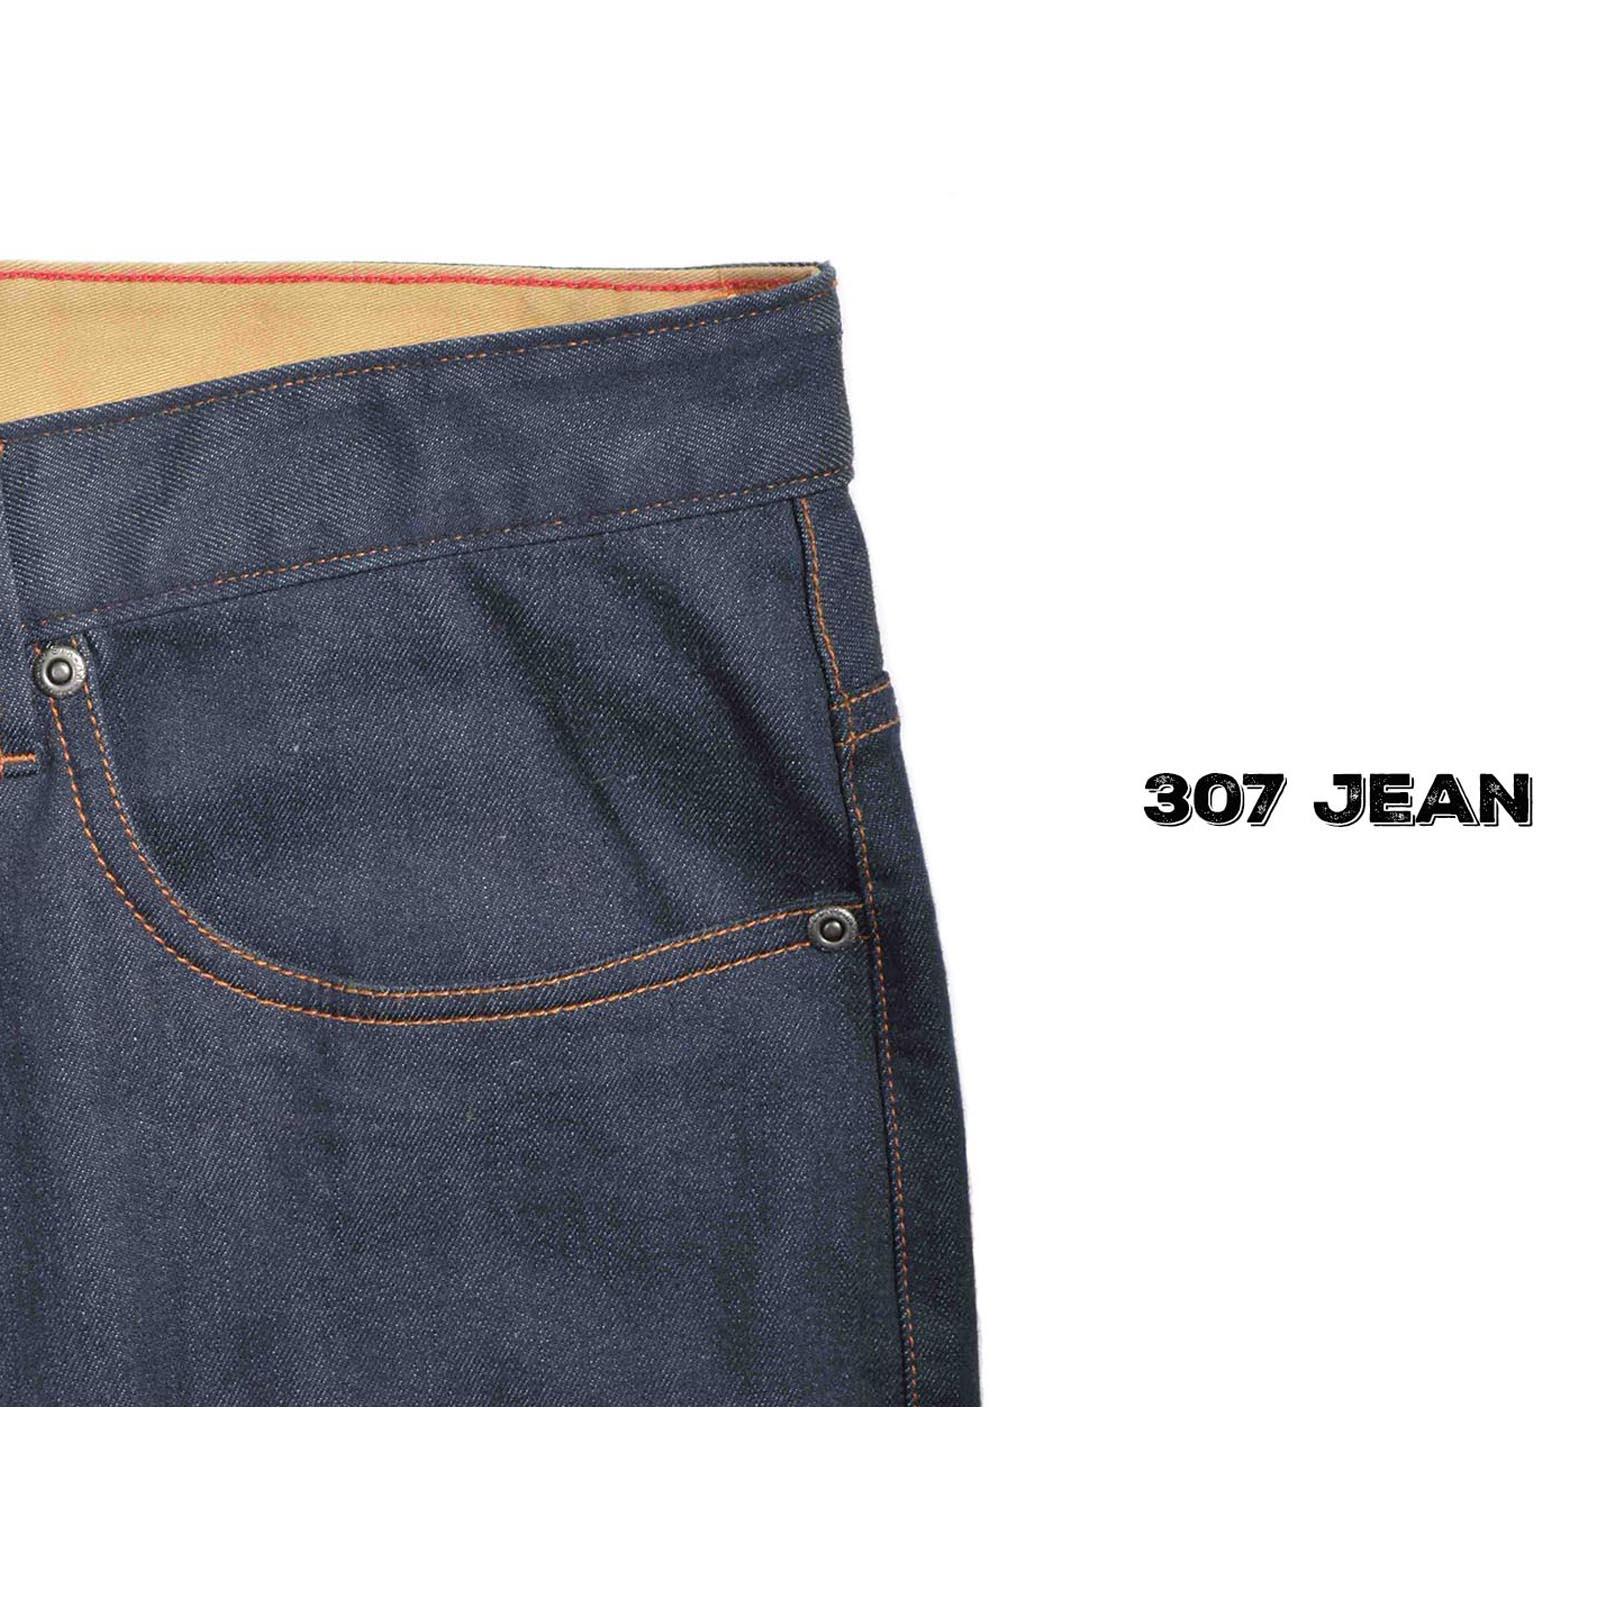 307 Jean Detail Video